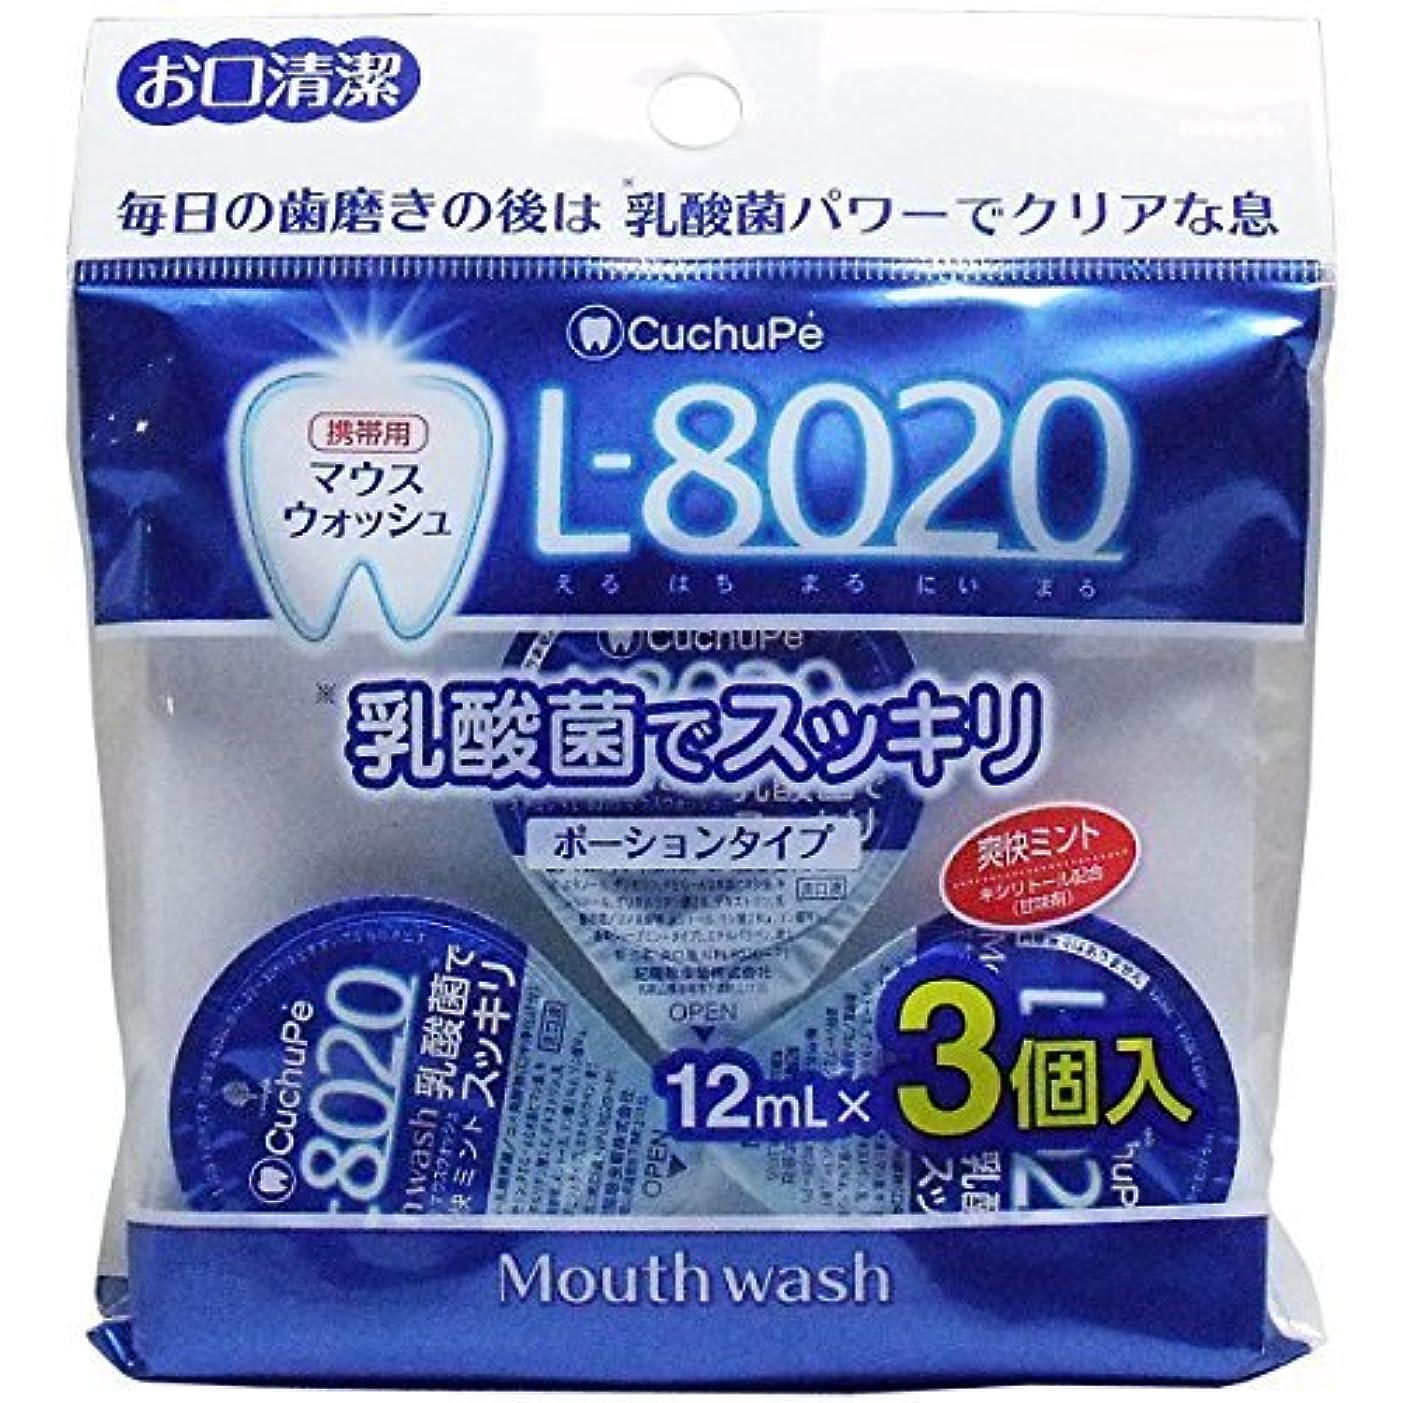 マニュアル寂しい取得するクチュッペ L-8020 乳酸菌マウスウォッシュ 携帯用ポーションタイプ 爽快ミント 3個入